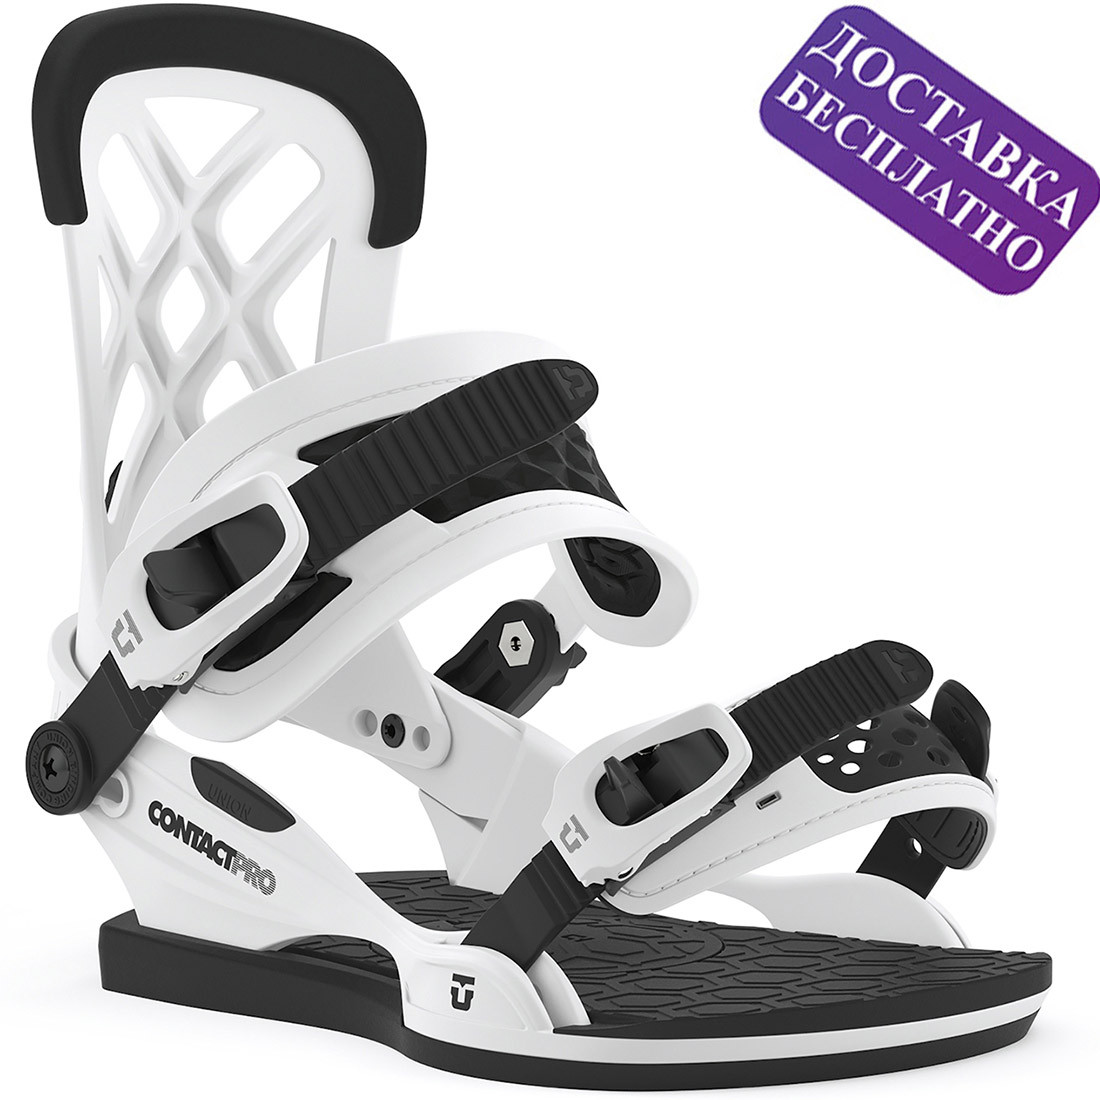 Популярные сноубордические крепления Union Contact Pro White